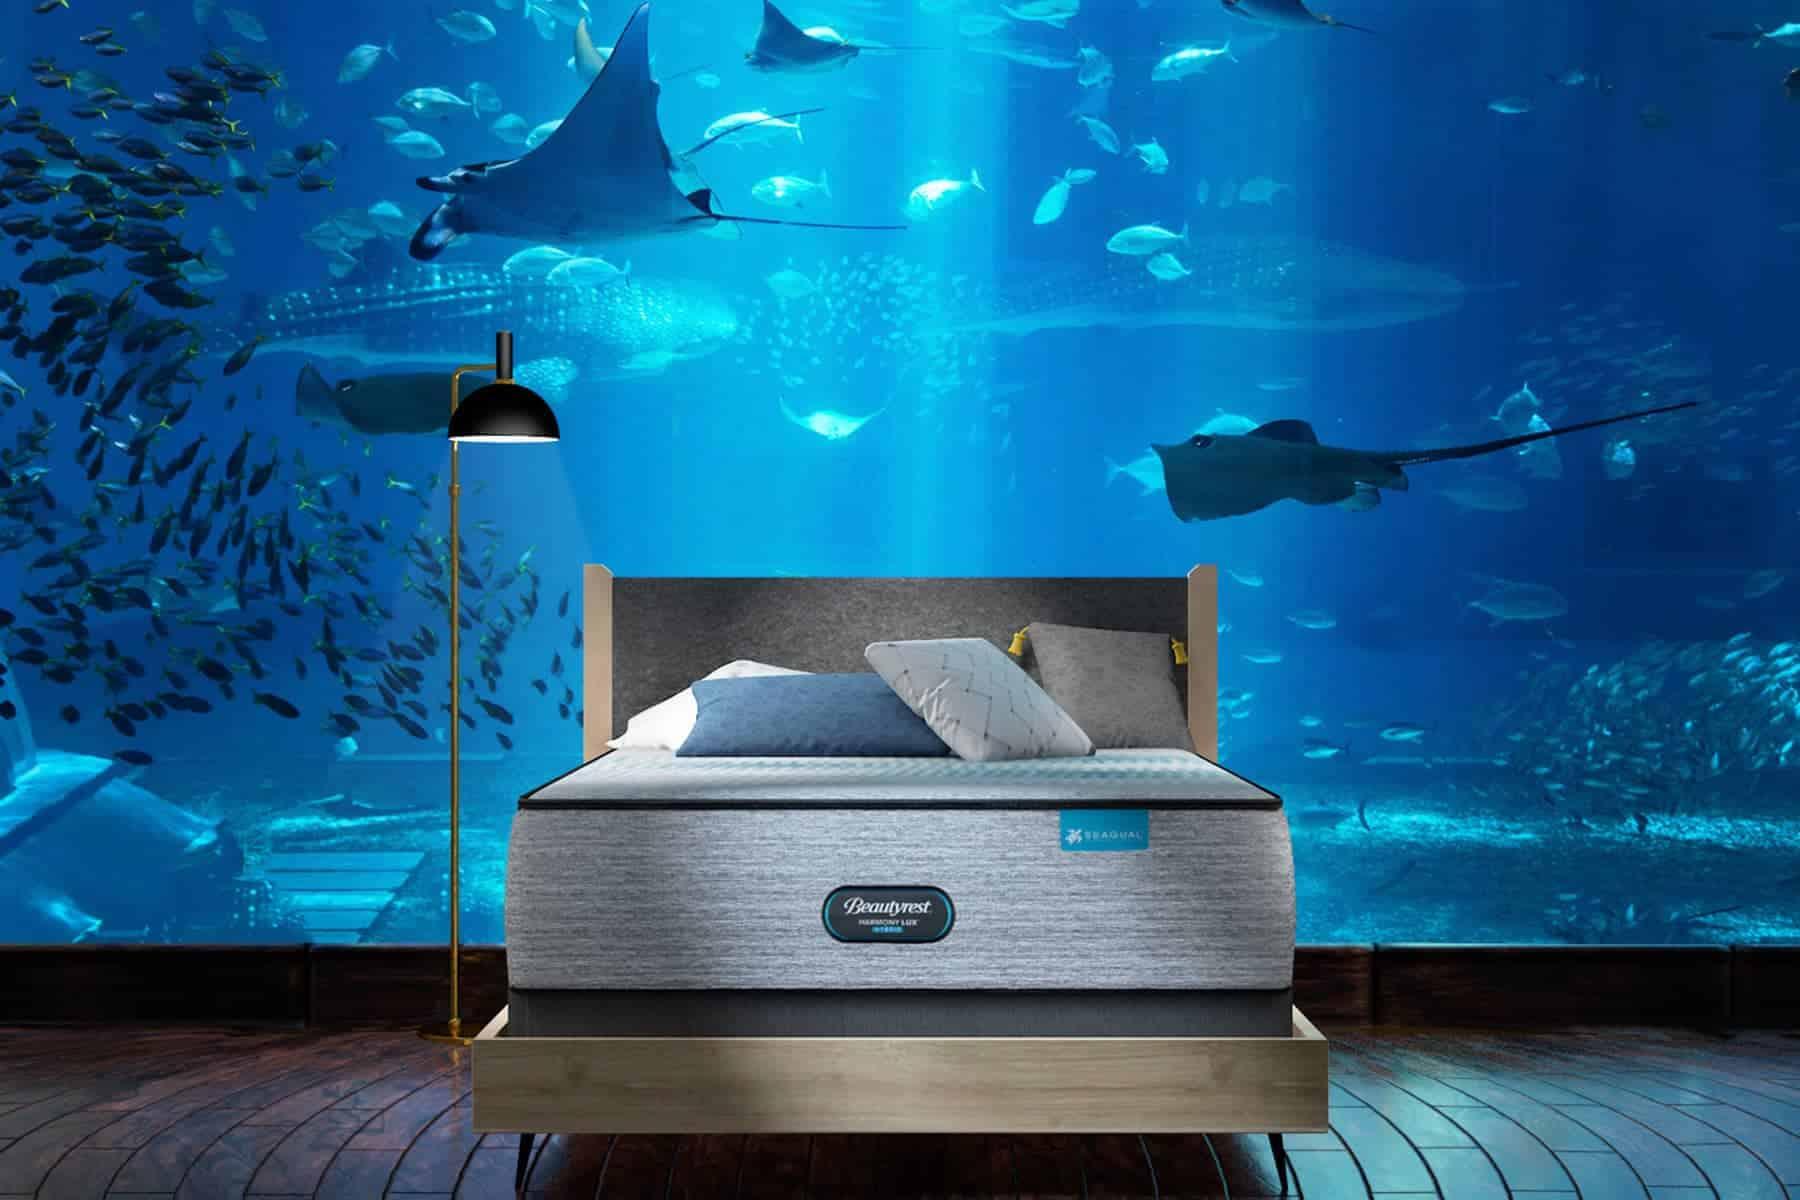 Una compañía de colchones ofrece la posibilidad de pasar la noche en el acuario de Long Island, Estados Unidos